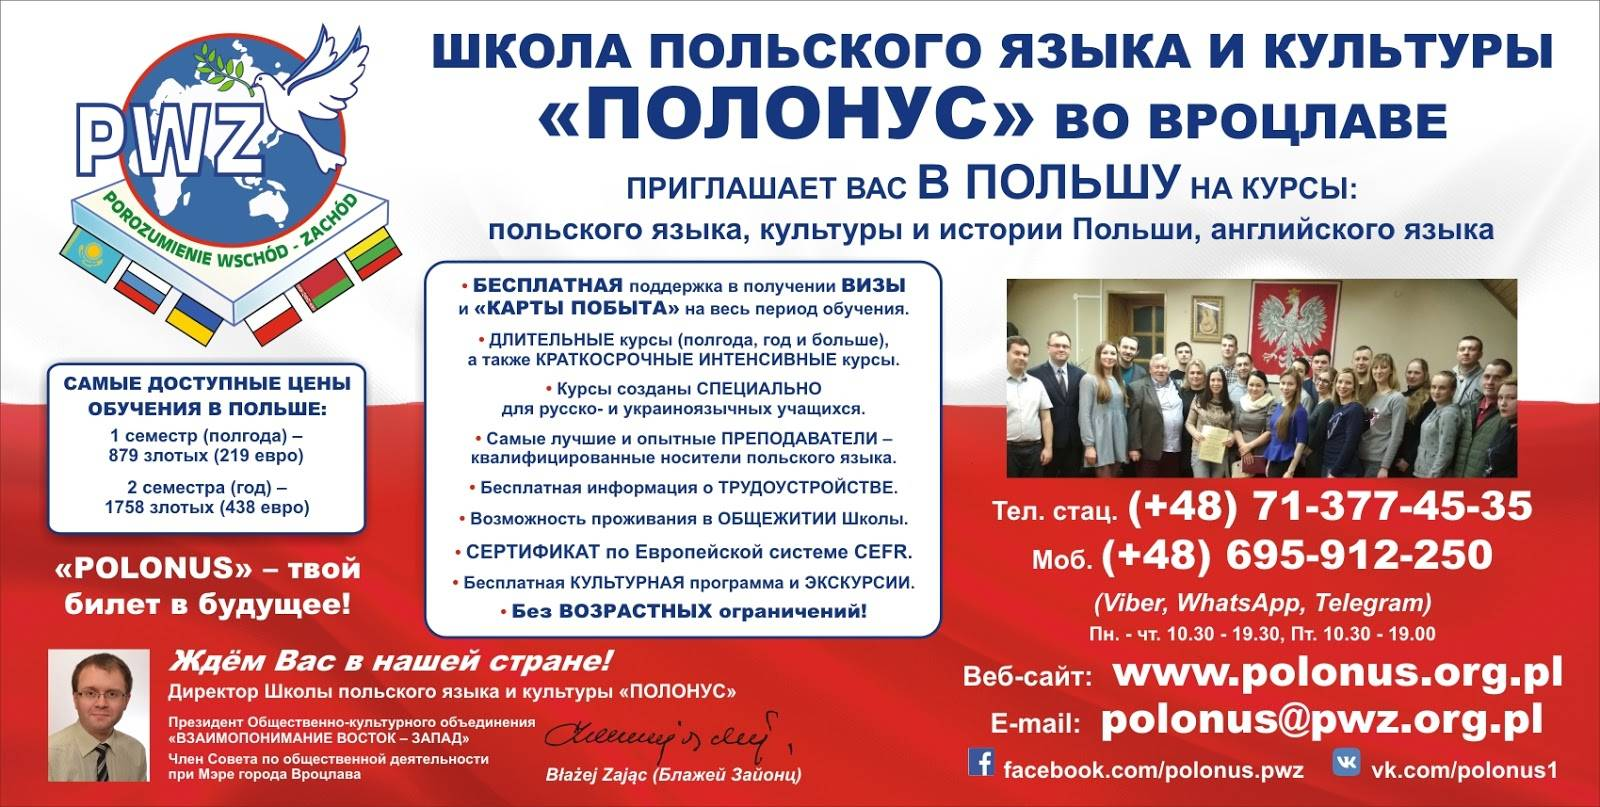 Полугодовые курсы польского языка   svschool polish language center